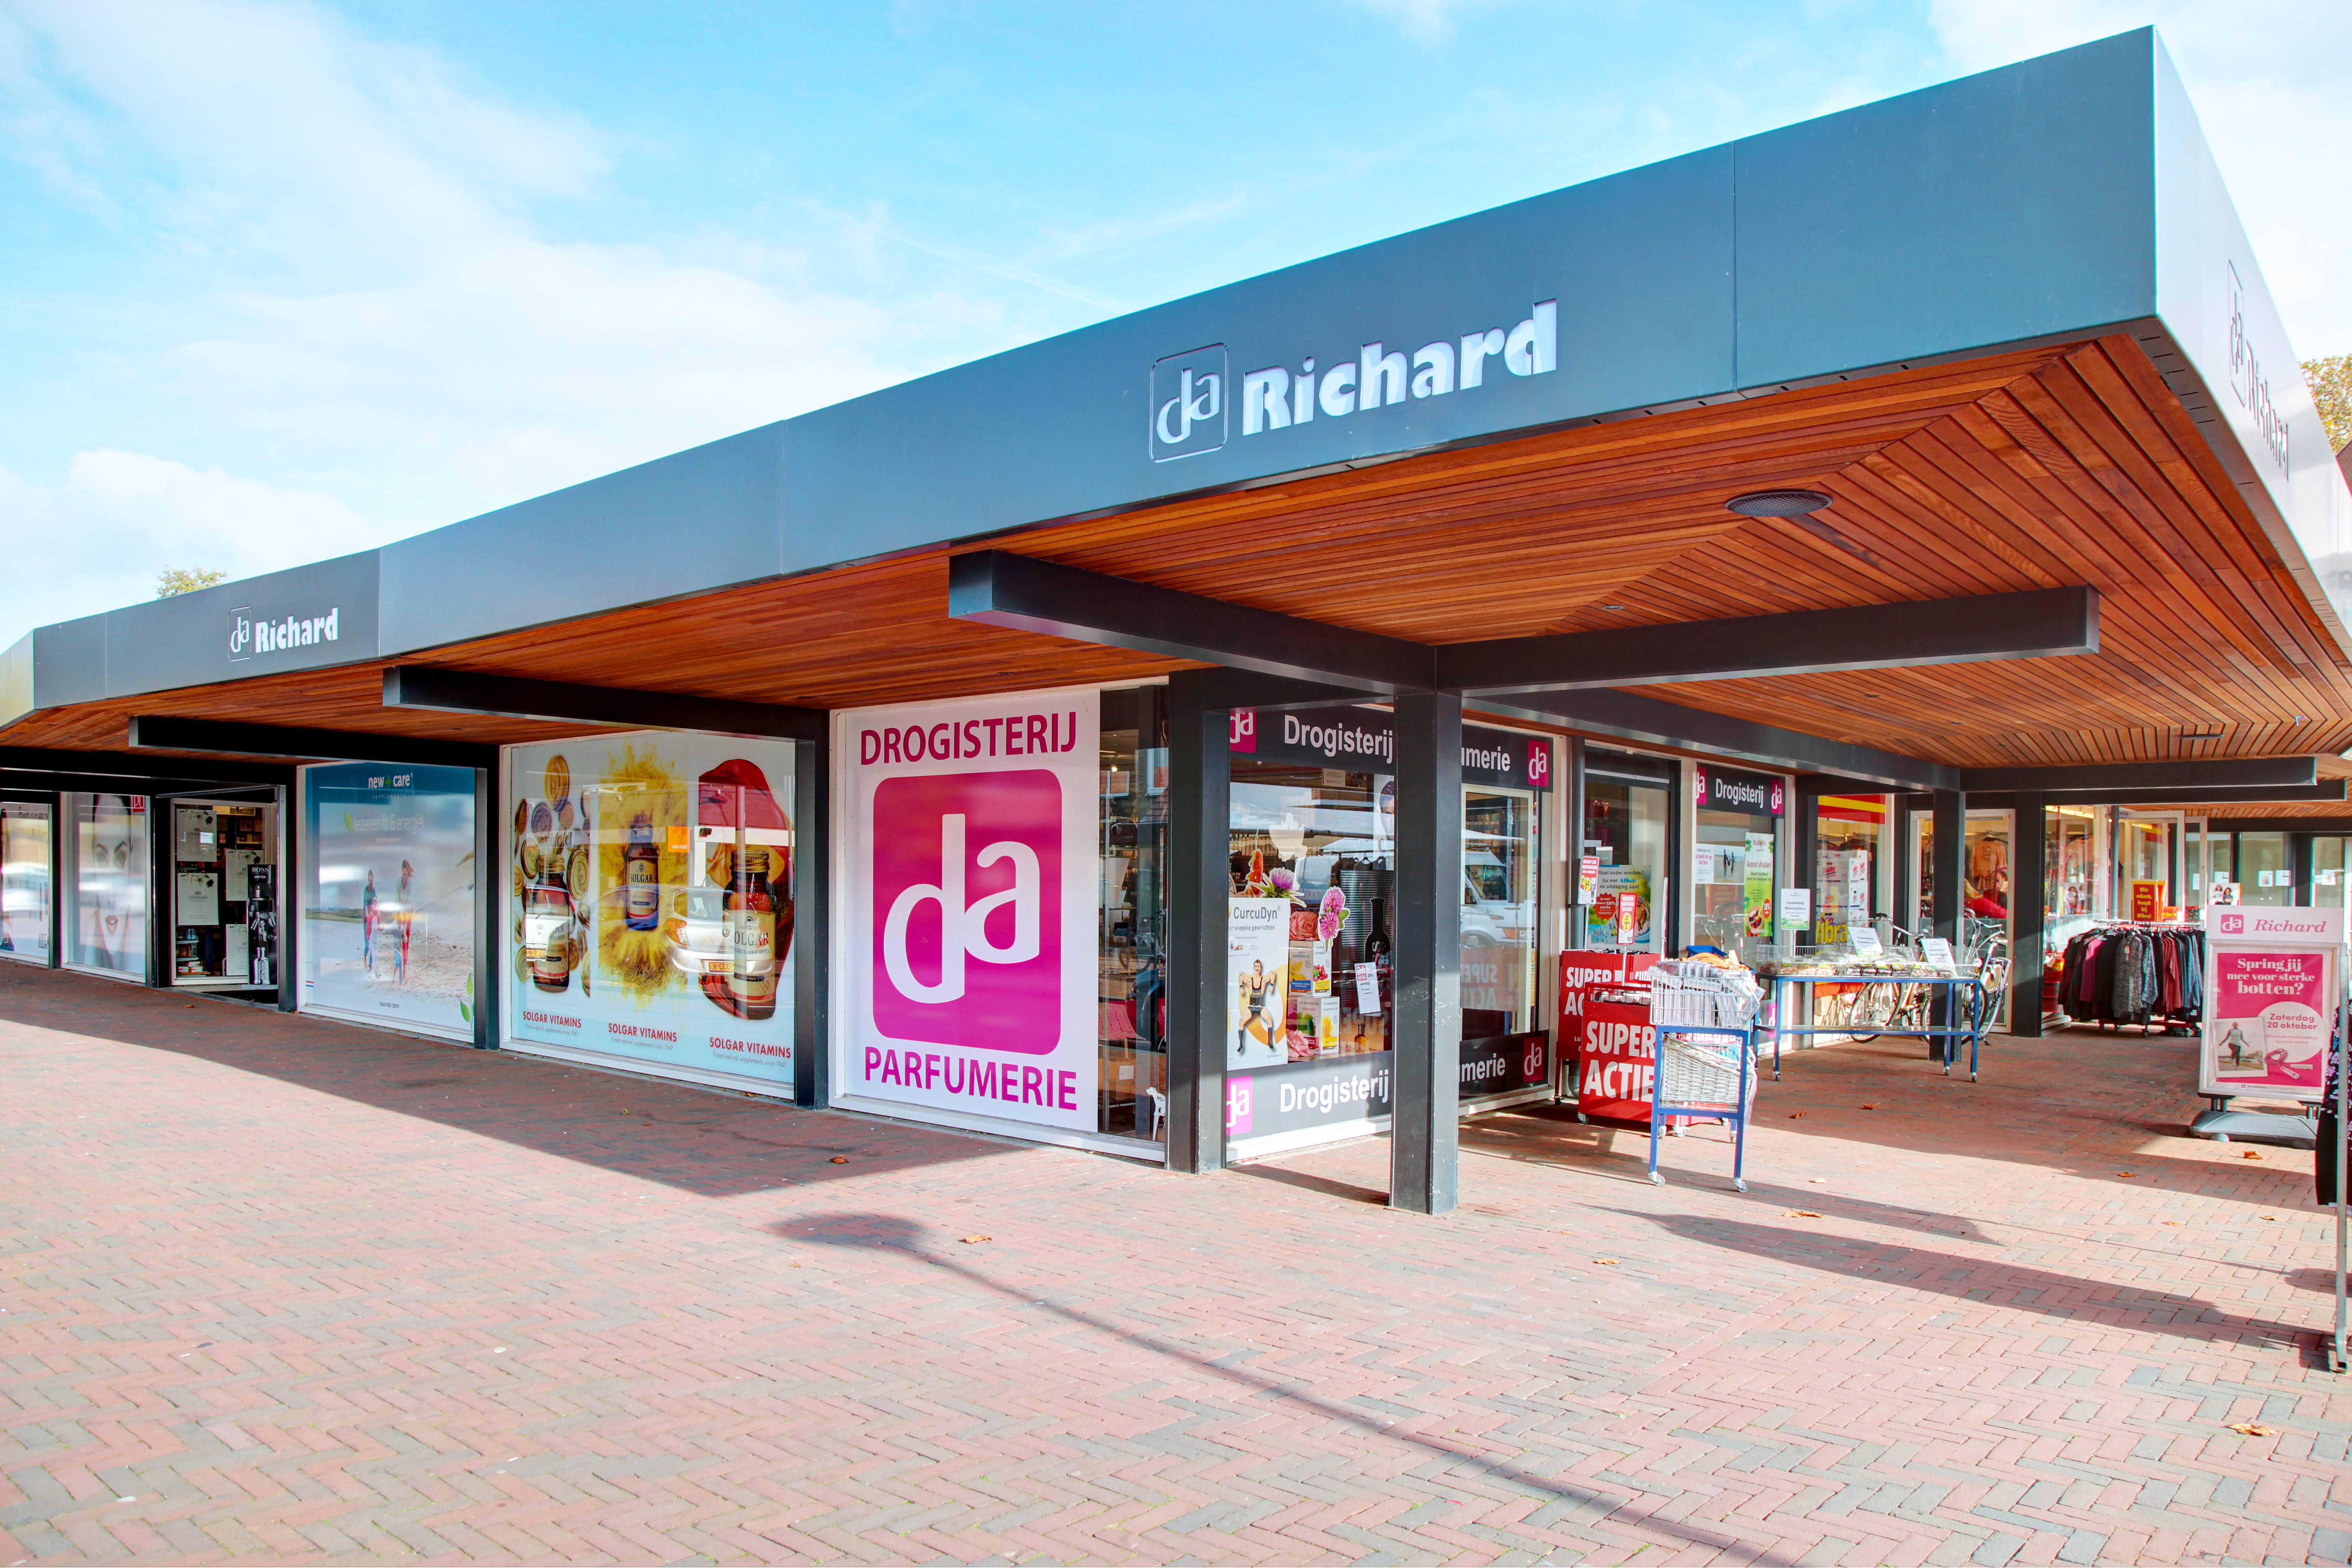 b25aca49dc1 DA Drogisterij & Parfumerie Richard, Rozenburg - DA